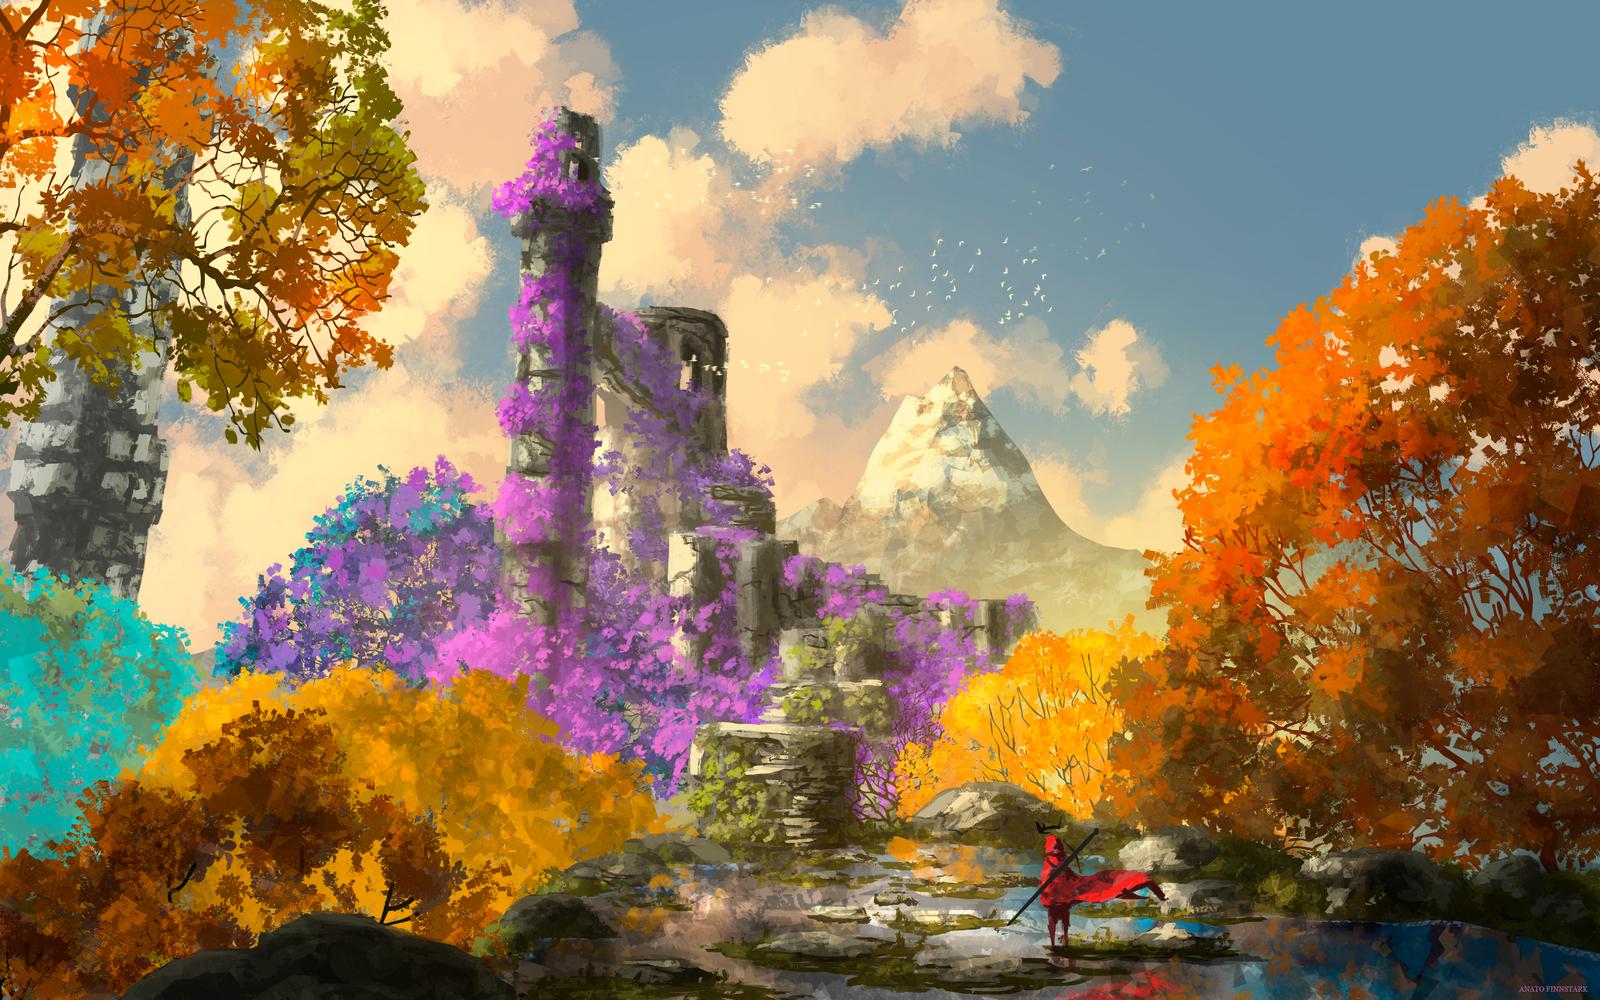 Фото Человек в красном плаще стоит напротив заброшенного замка, утопающего в сиреневых цветах, by AnatoFinnstark